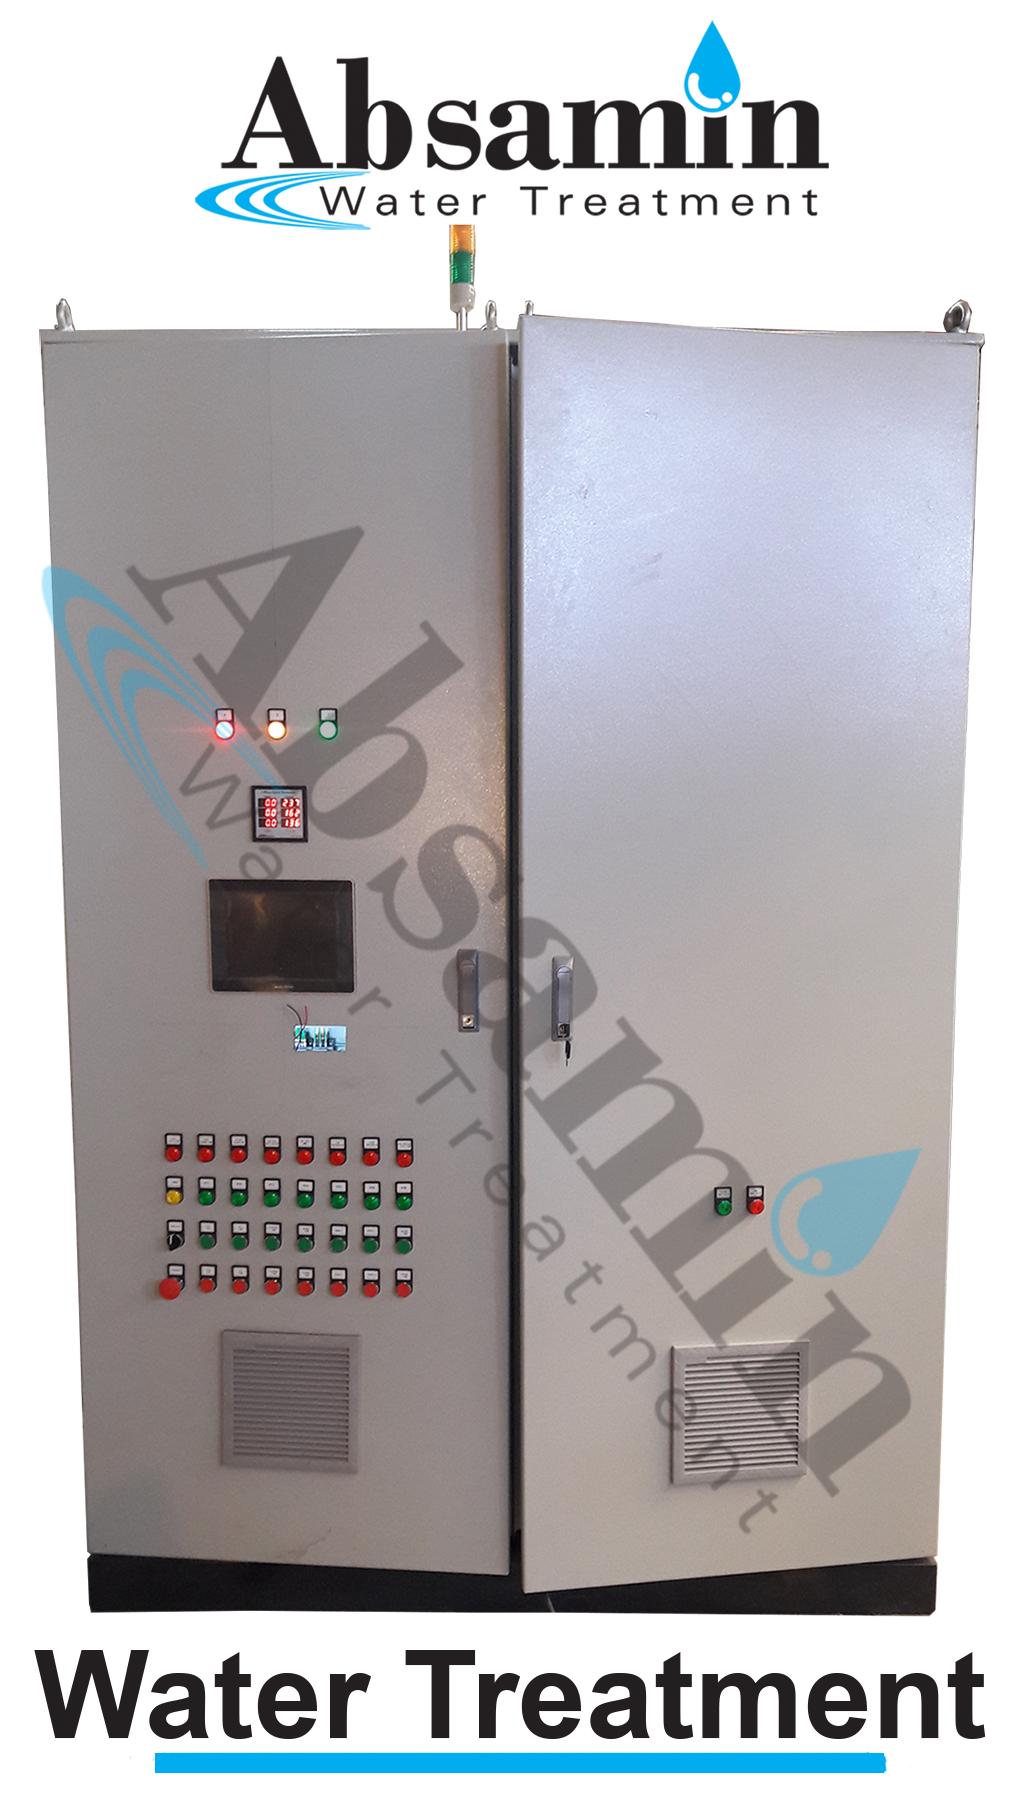 تابلو برق های دستگاه های تصفیه آب صنعتی